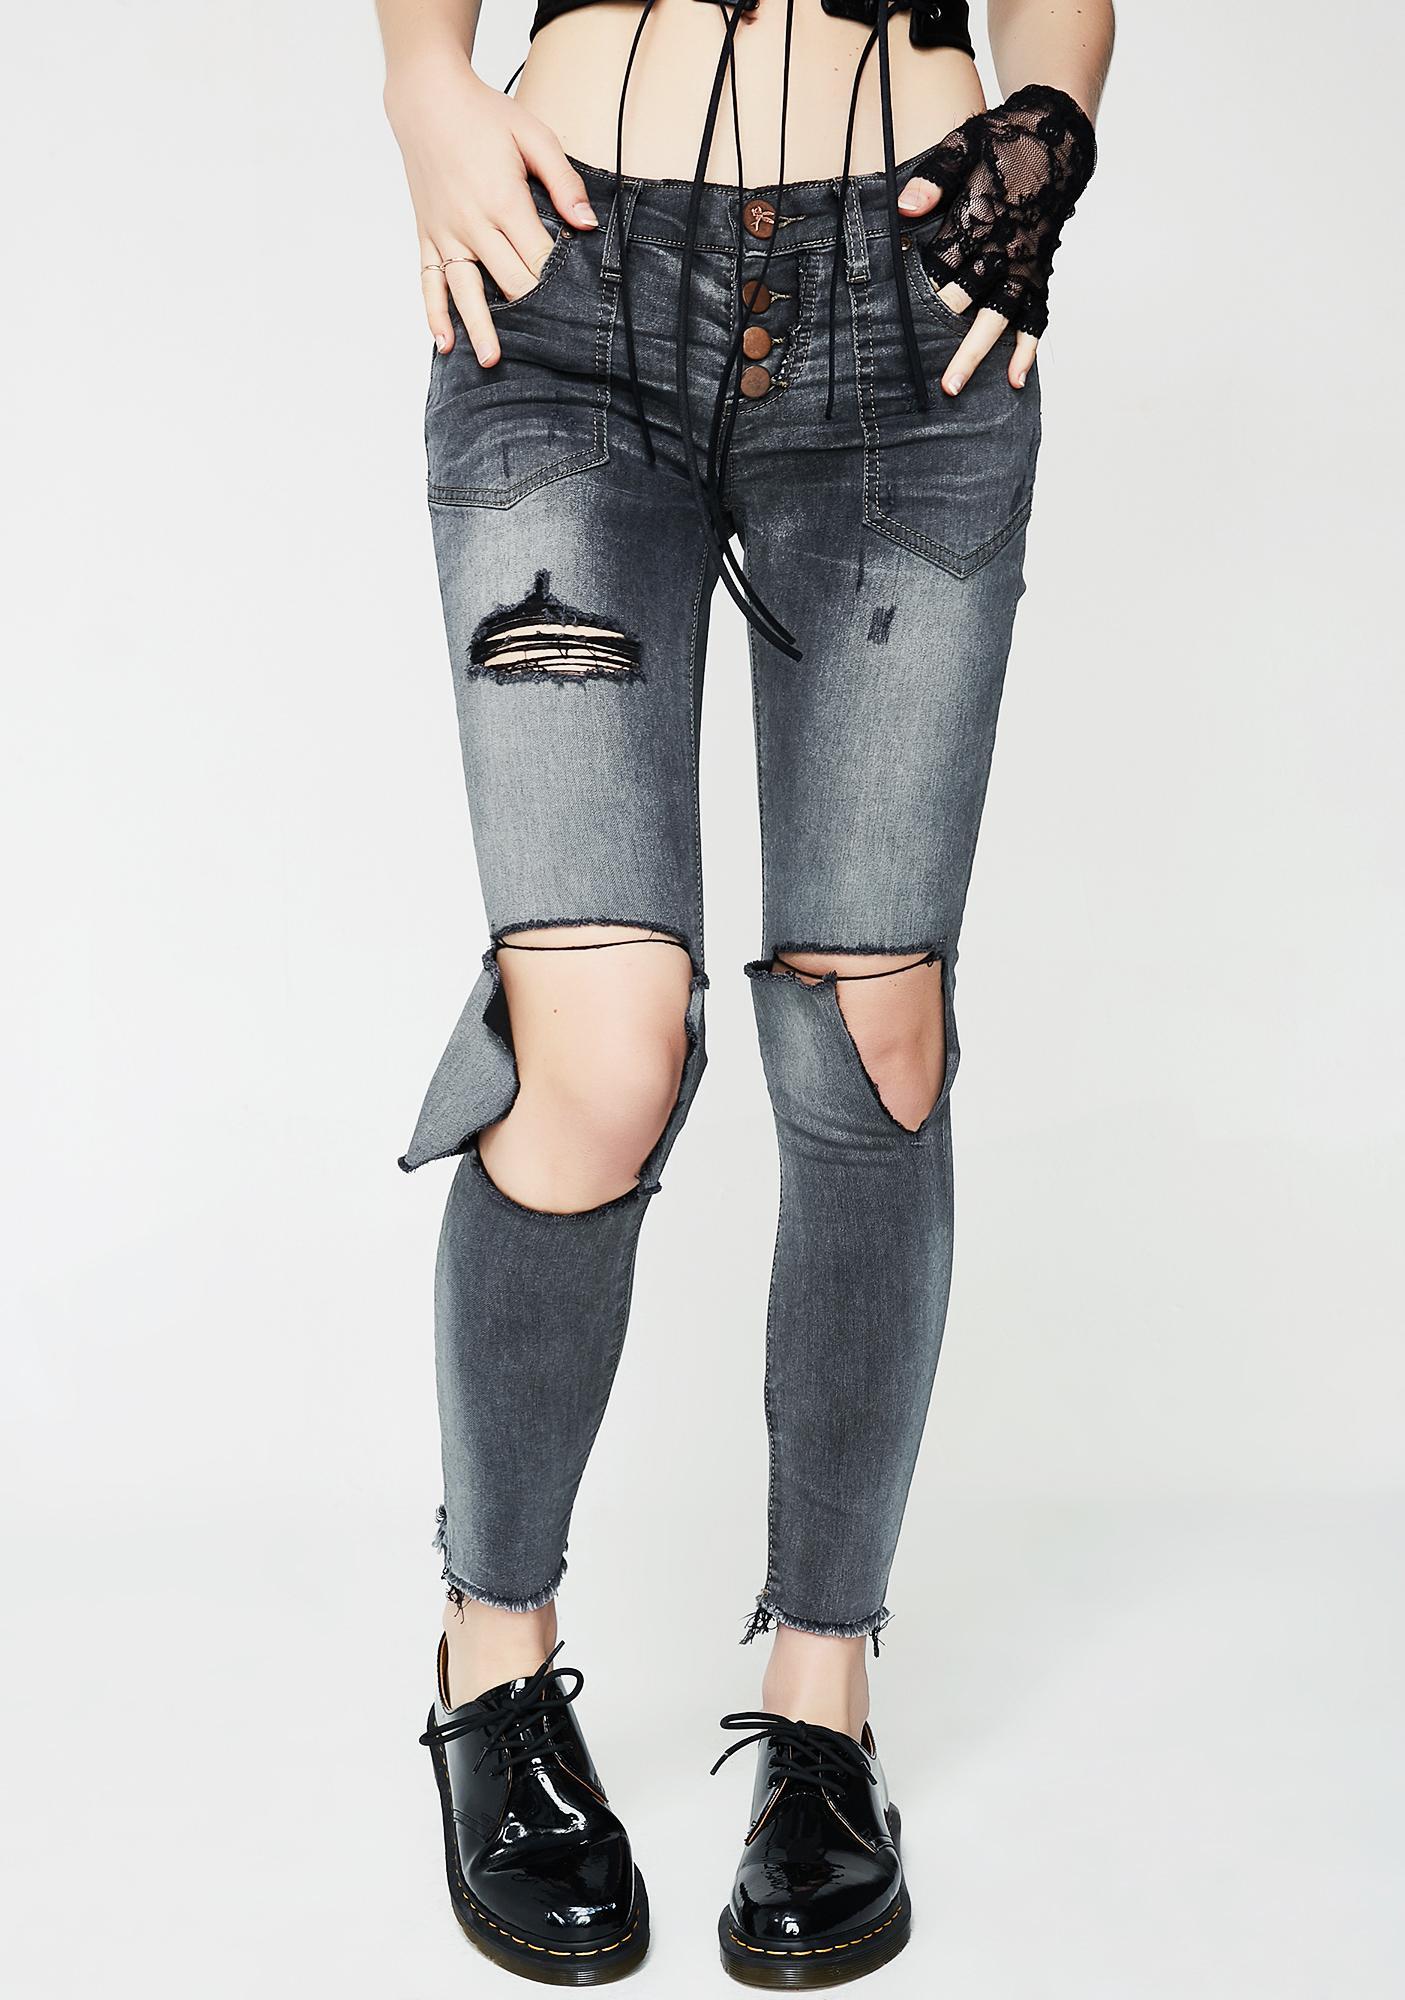 One Teaspoon LE Duke Freebirds II Jeans